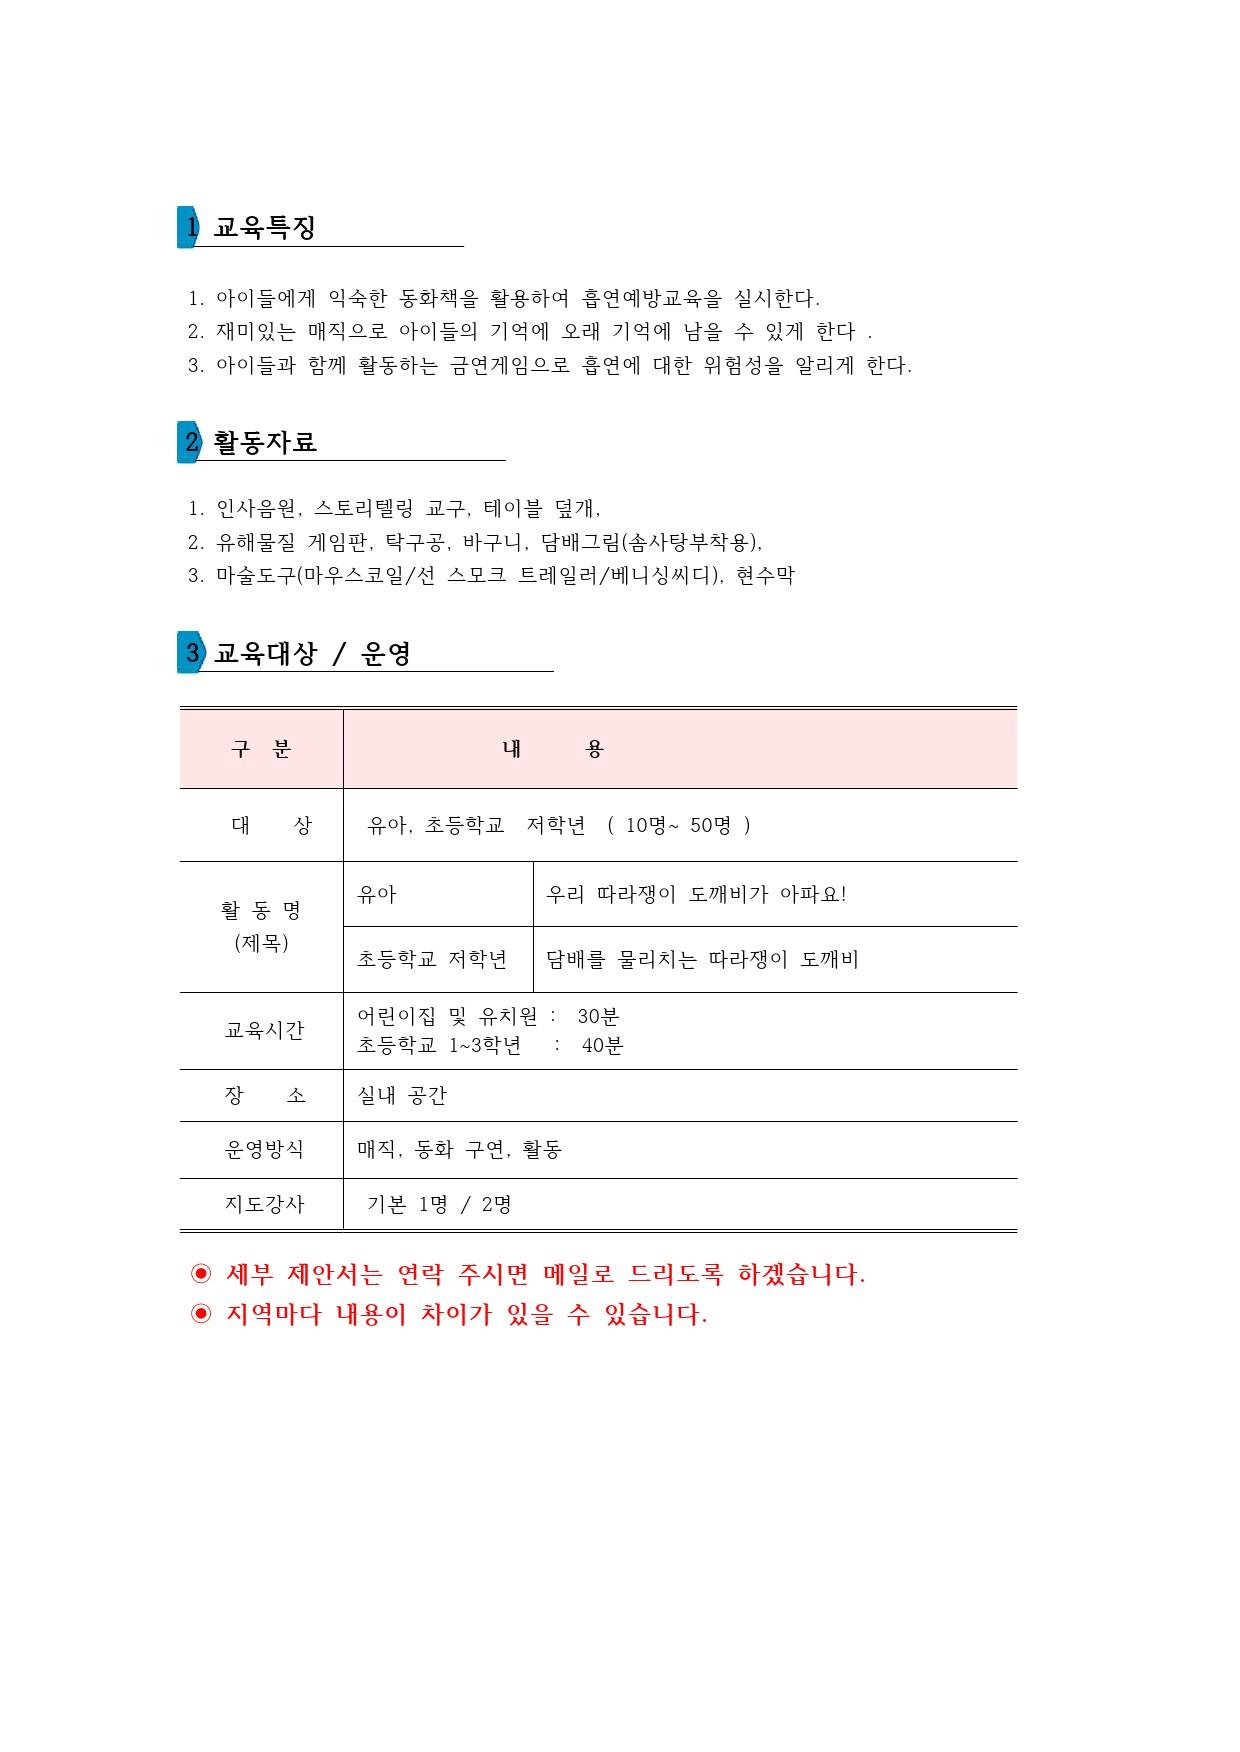 유아 흡연예방 매직스토리 (유치원, 초등 저학년)-2.jpg